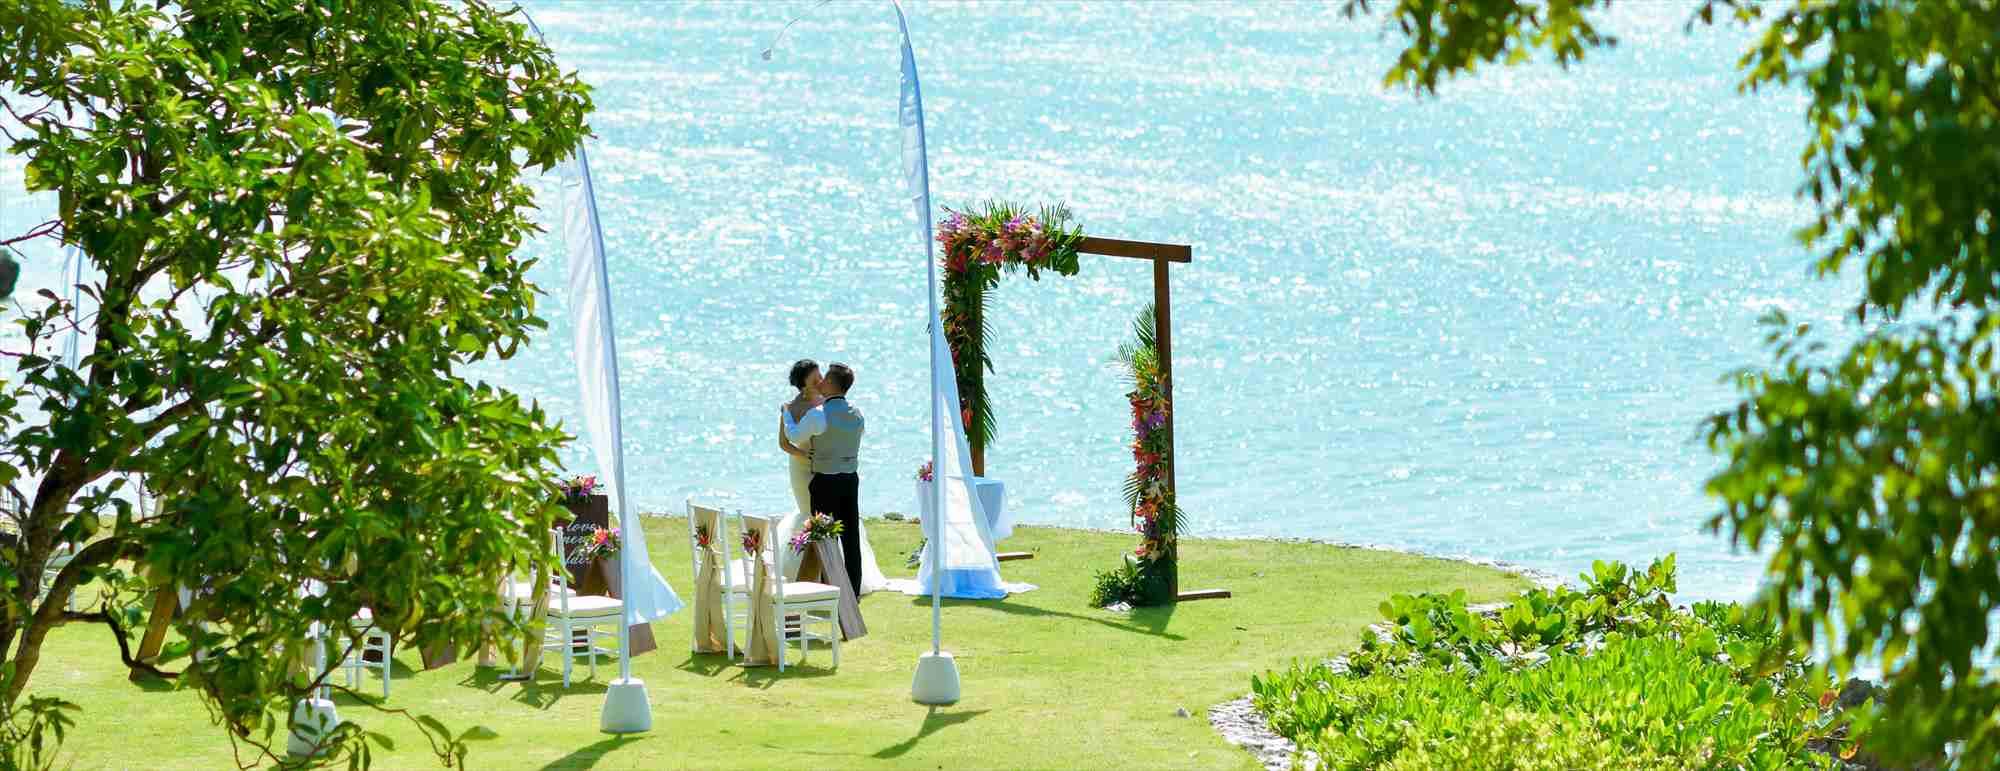 バリ島ガーデン・ウェディング Fourseasons Resort Bali Jimbaran フォーシーズンズ・バリ・ジンバラン挙式